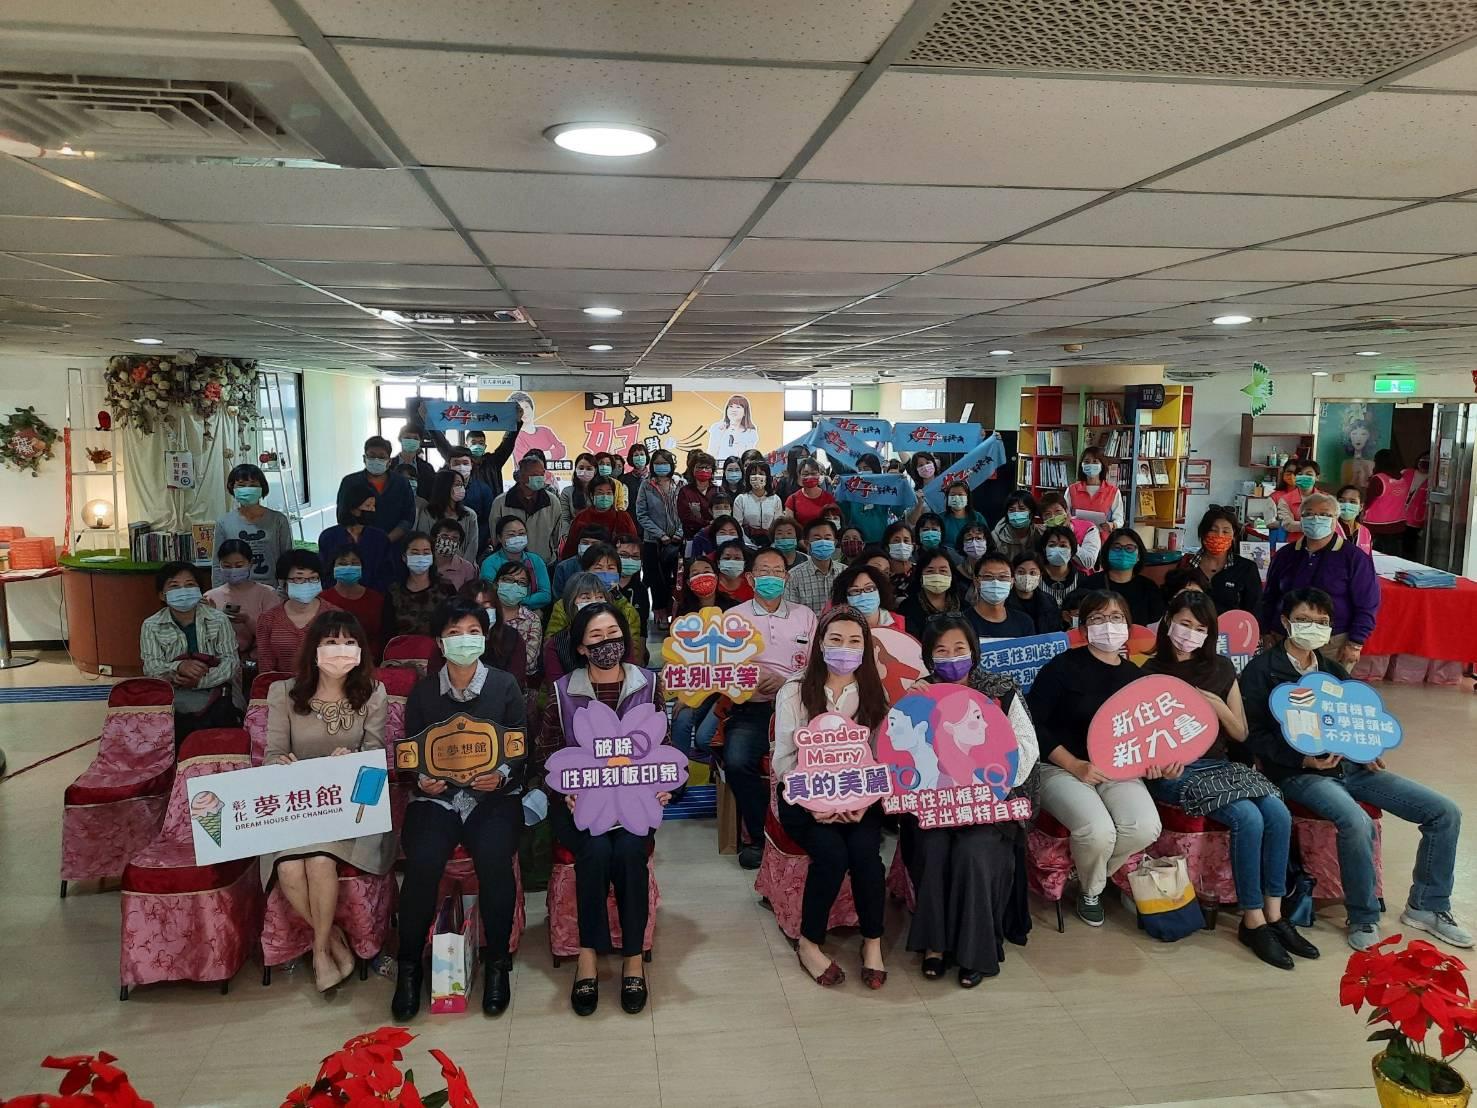 彰化女力 幸福永續-110年婦女節系列活動: 名人講座【Strike!好球對決】